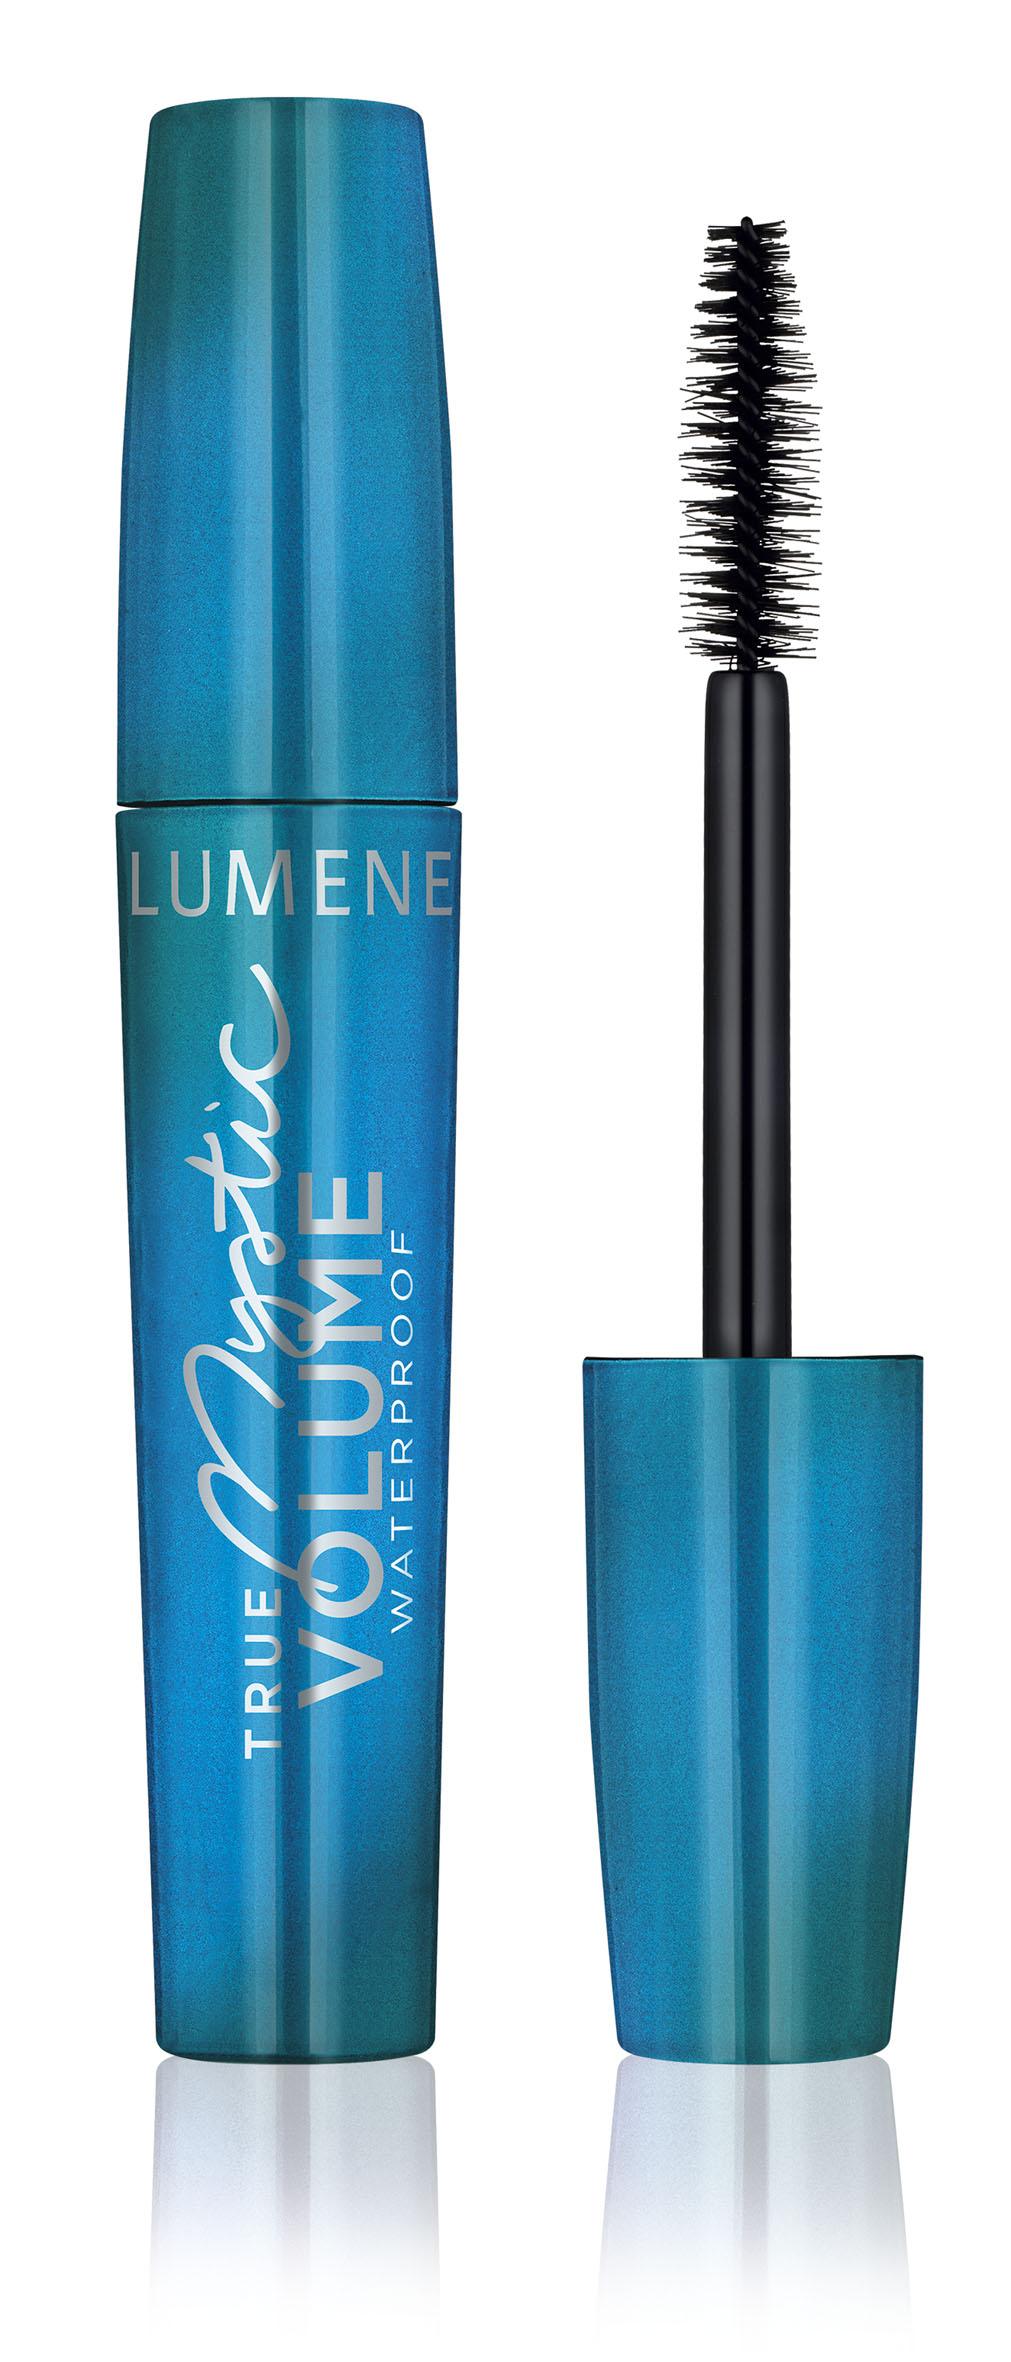 Lumene True Mystic Водостойкая объемная тушь №01 Черный, 11 мл туши lumene объемная тушь для ресниц lumene blueberry wild volume насыщенный черный 7 мл